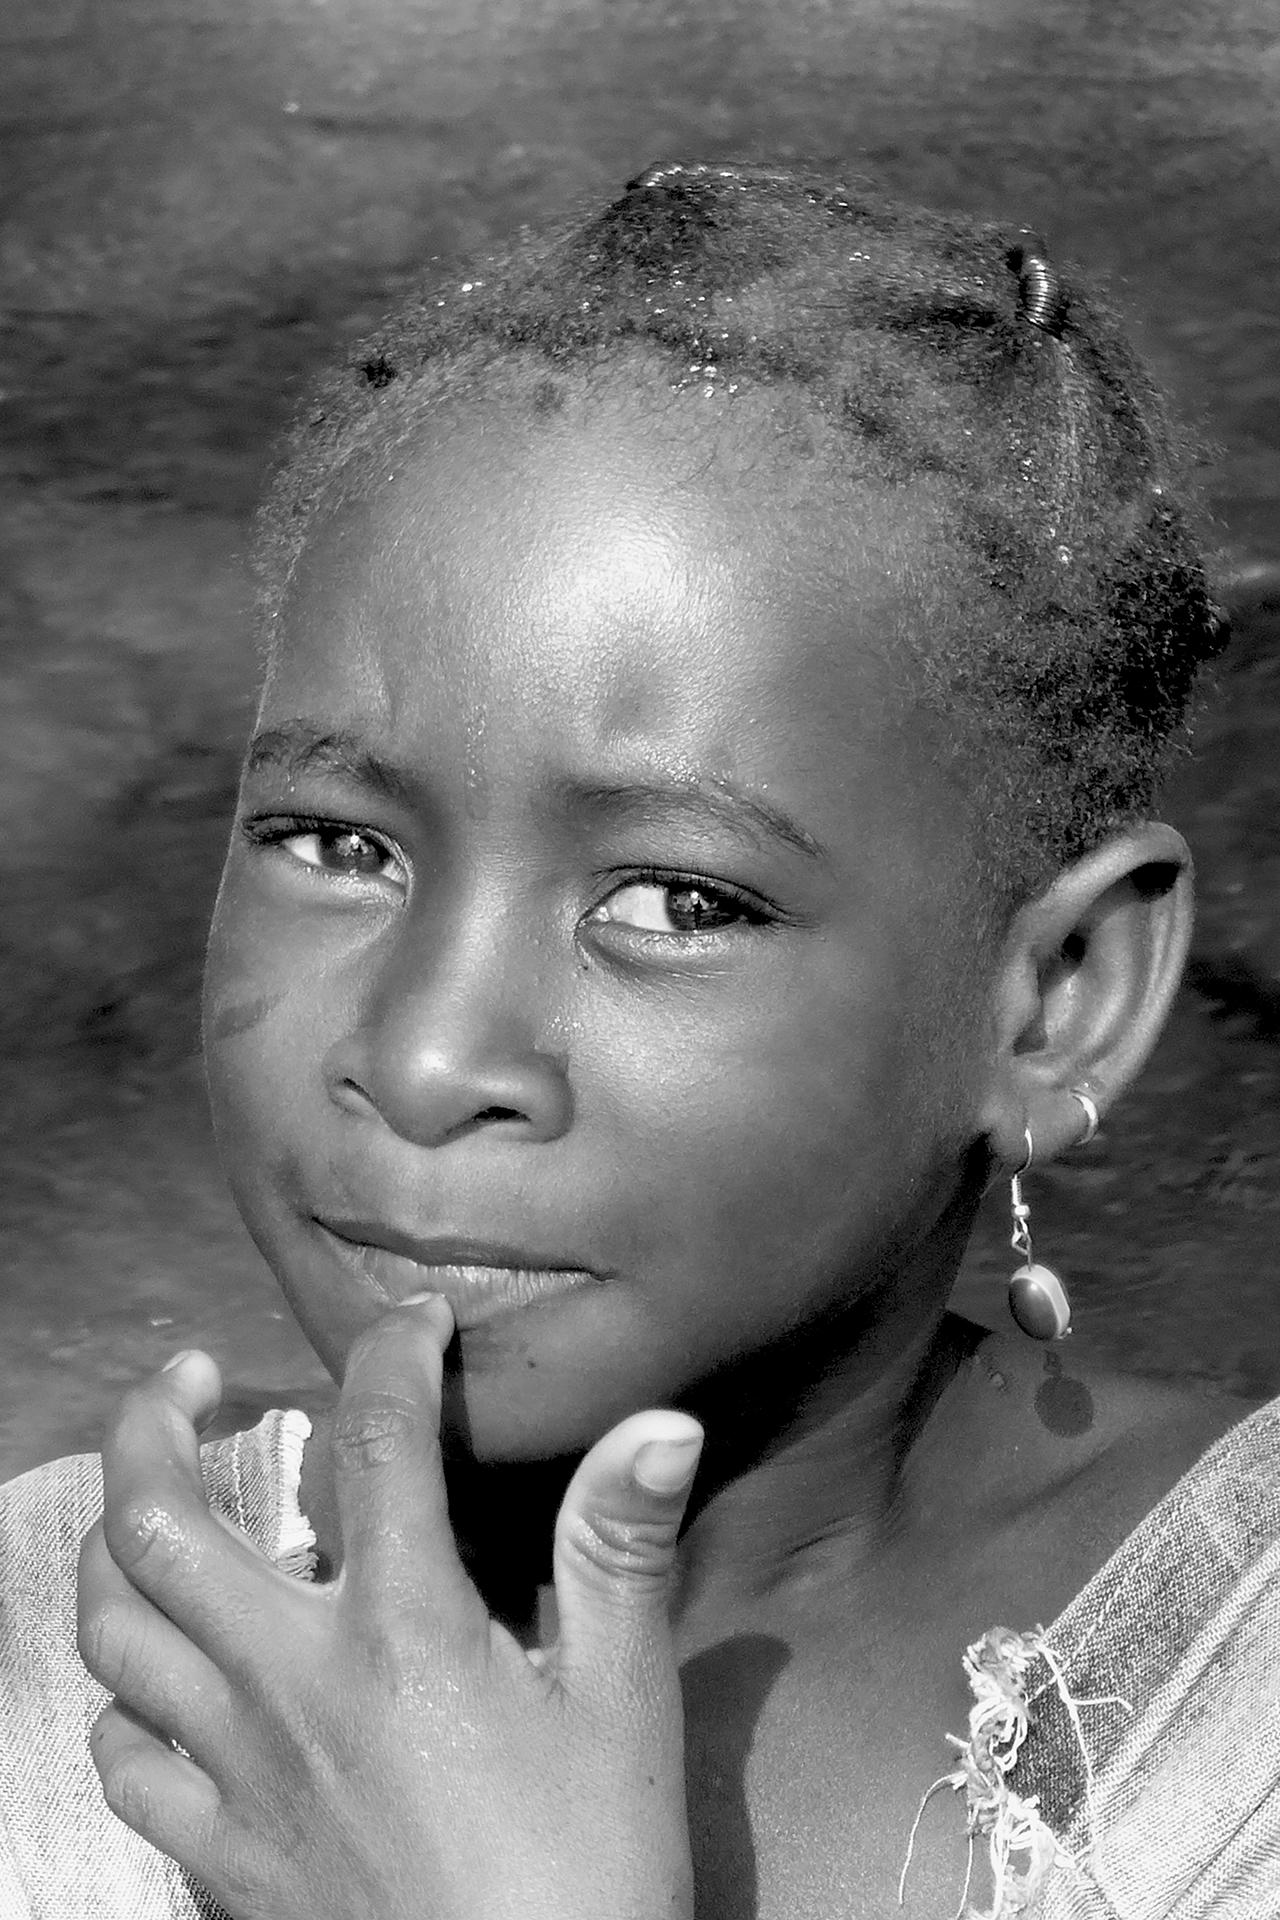 Sourire, gentil sourire 2. 2014, BANFOULGOUE, région de BOBO DIOULASSO, Burkina Faso